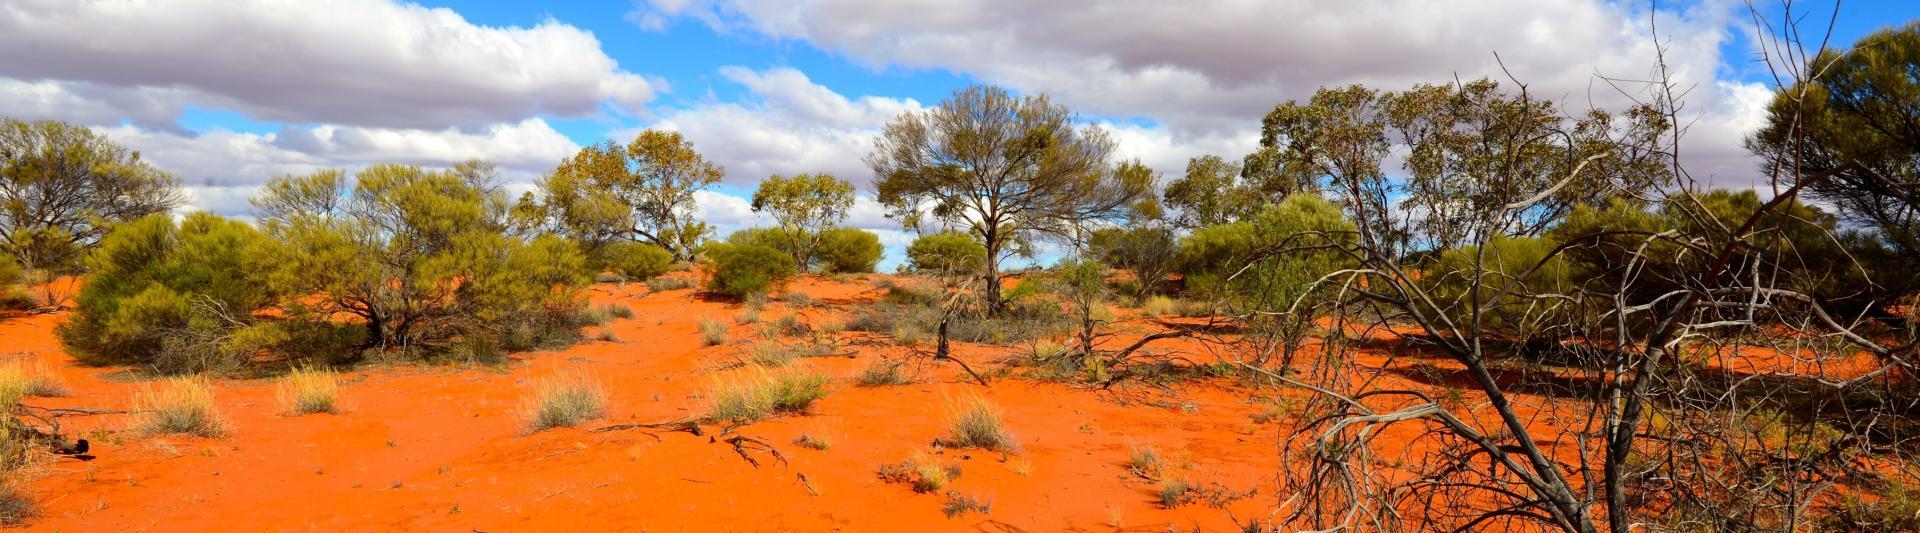 Nous sommes spécialisés dans l'élevage de saurien désertique.